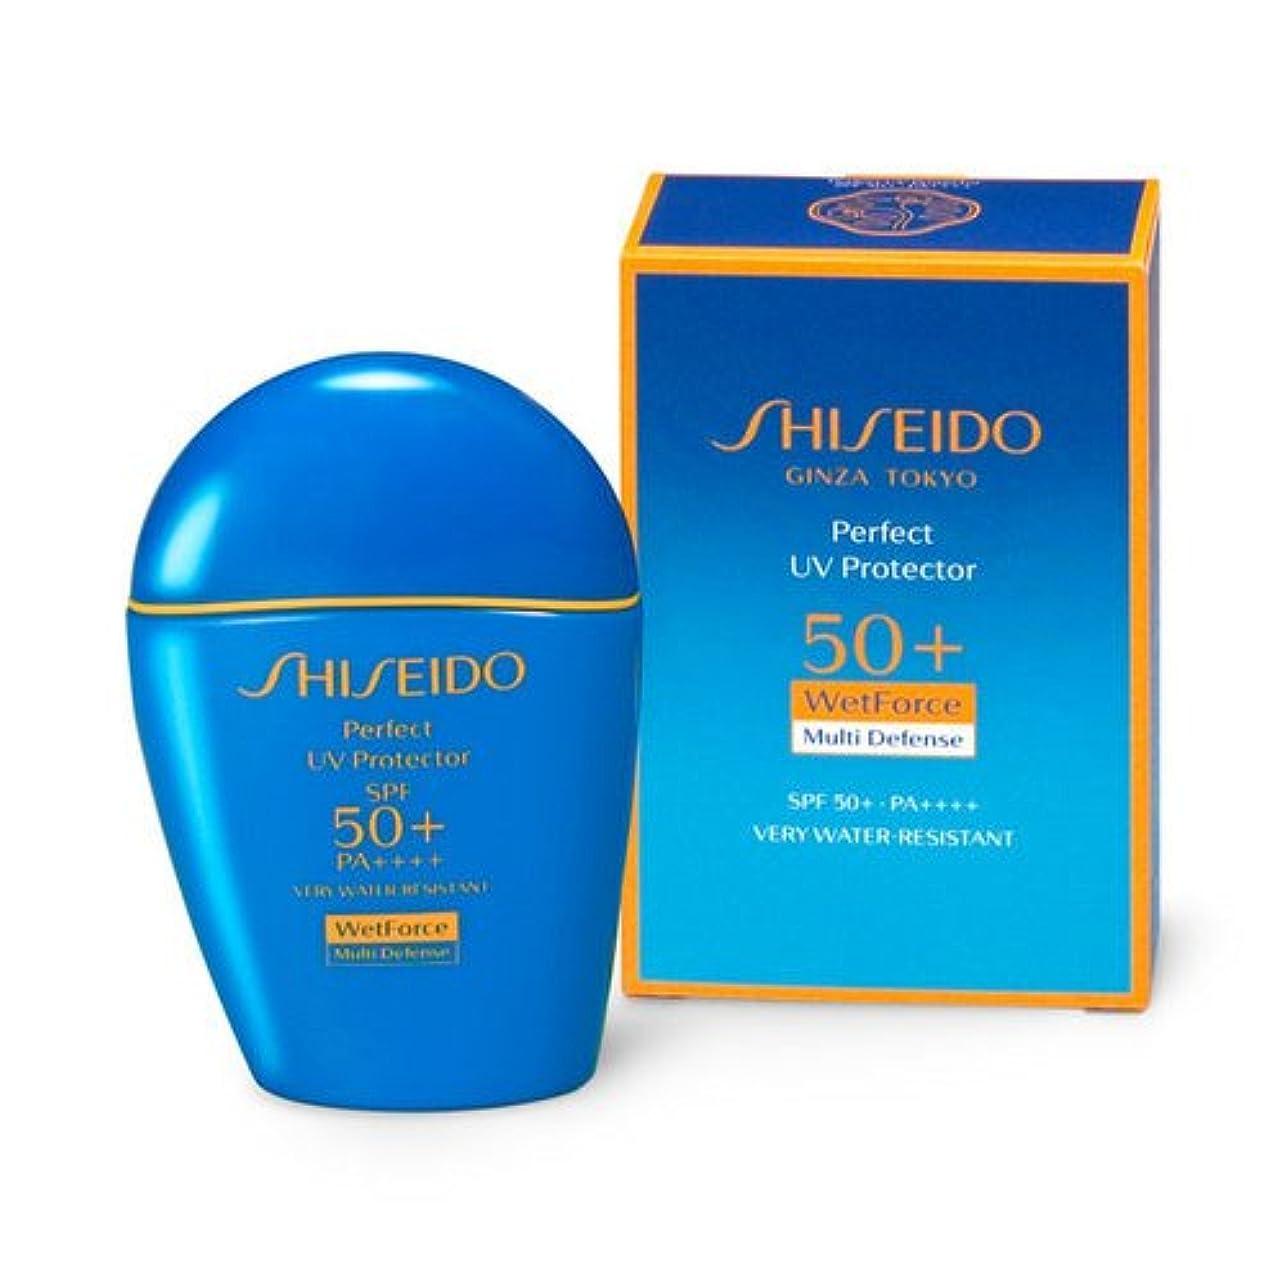 ゴミ箱を空にするアート神聖SHISEIDO Suncare(資生堂 サンケア) SHISEIDO(資生堂) パーフェクト UVプロテクター 50mL